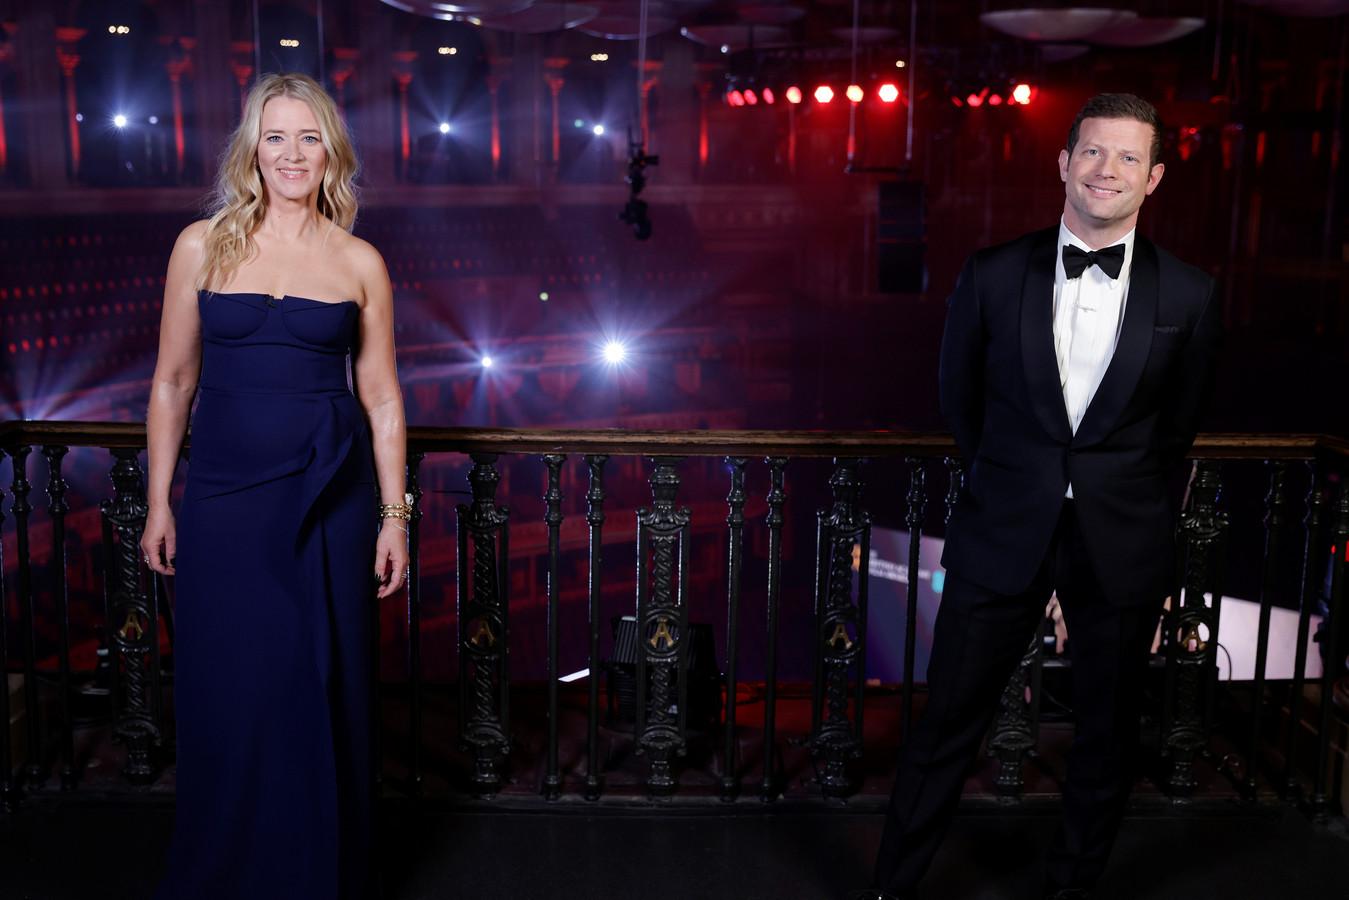 Edith Bowman and Dermot O'Leary presenteerden de 74ste editie van de uitreiking van de Britse filmprijzen.